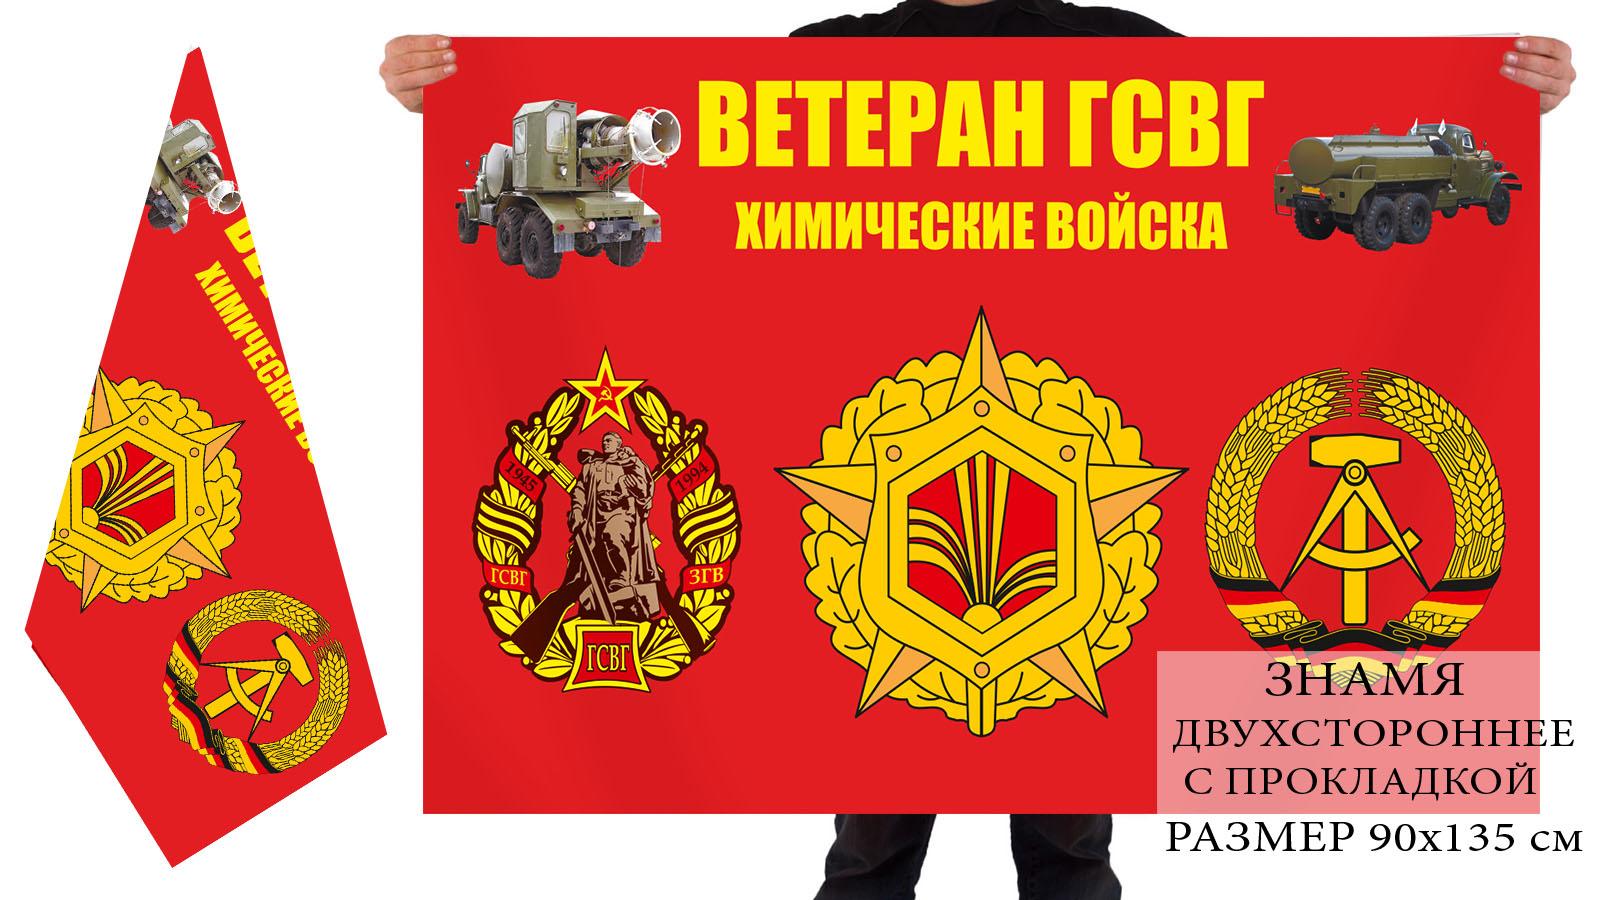 Двухсторонний флаг ветеранов ГСВГ Химических войск